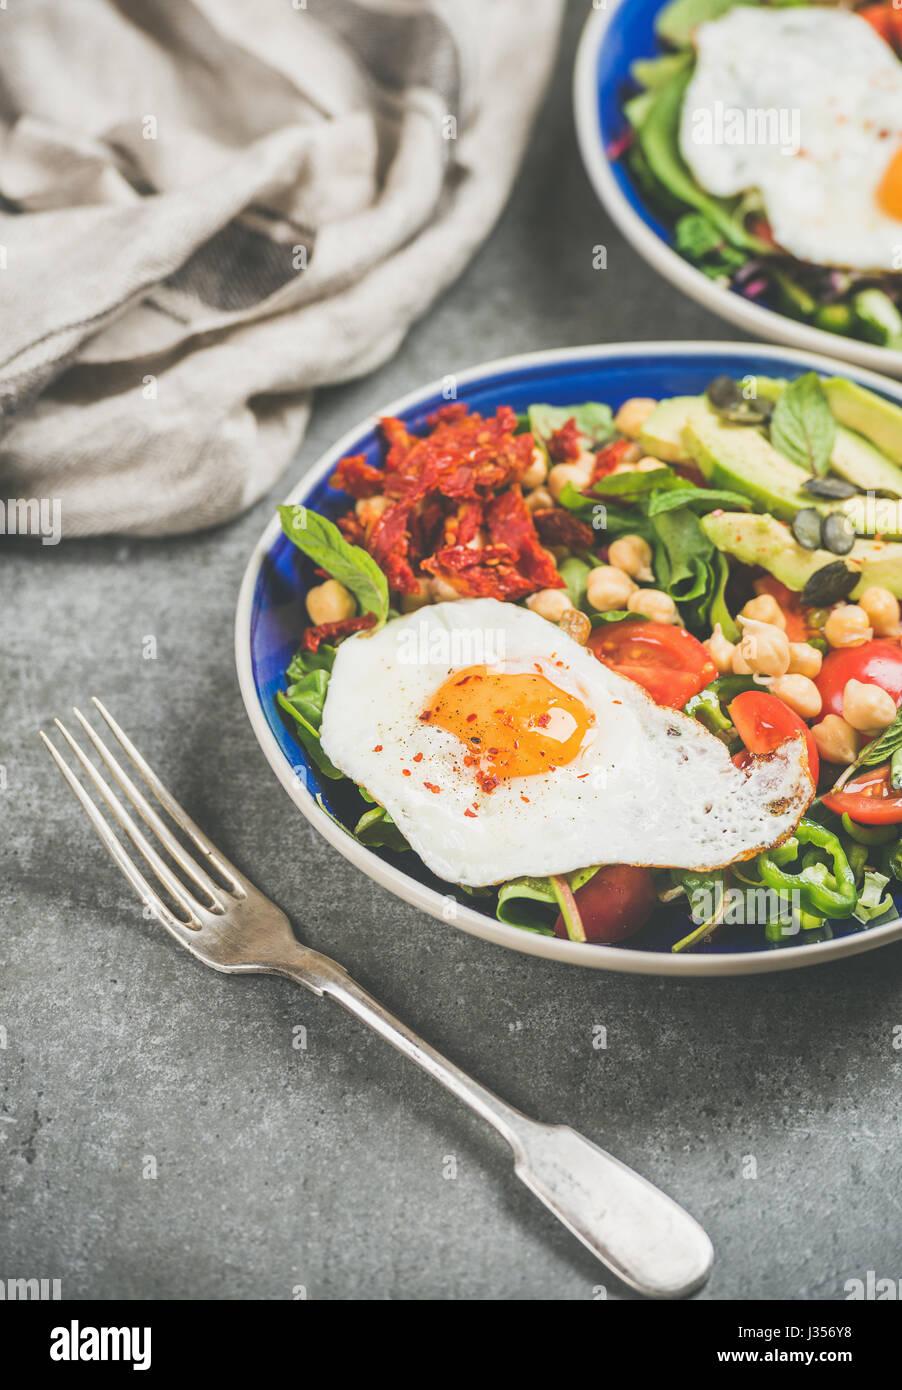 Concetto vegetariano prima colazione con uovo fritto, ceci, verdure, semi Immagini Stock